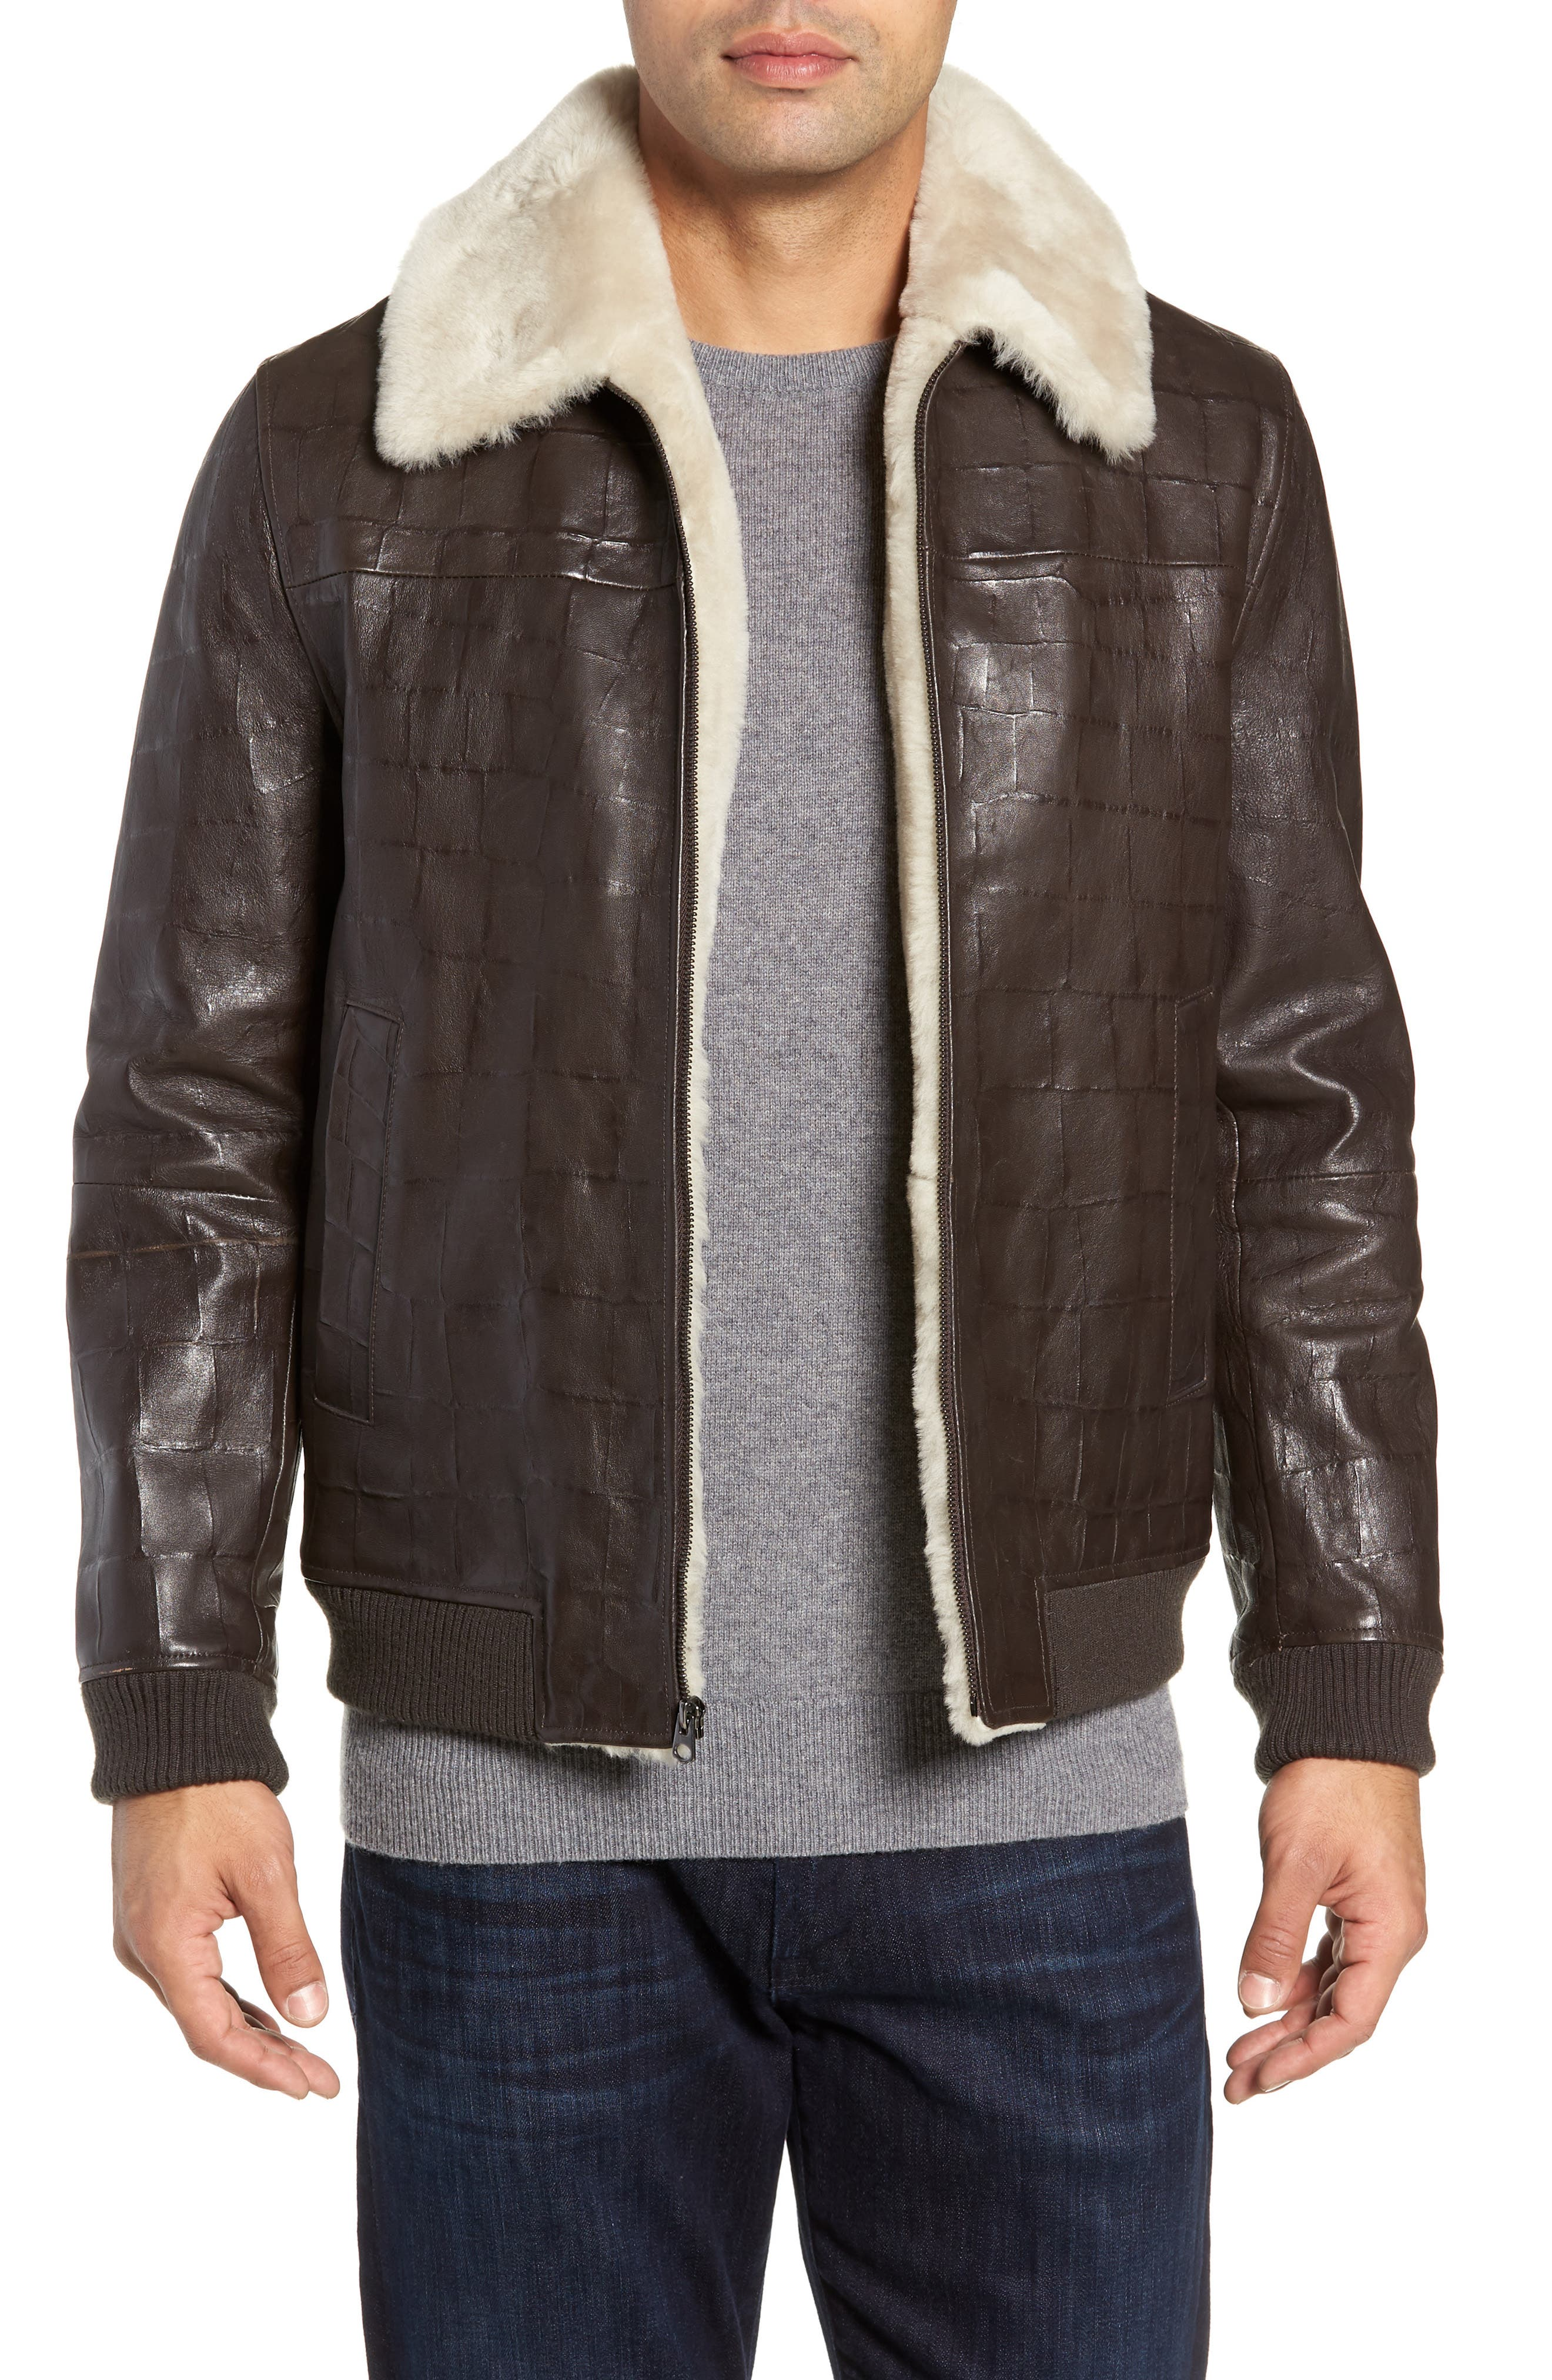 Corson Genuine Shearling Jacket,                             Main thumbnail 1, color,                             BROWN